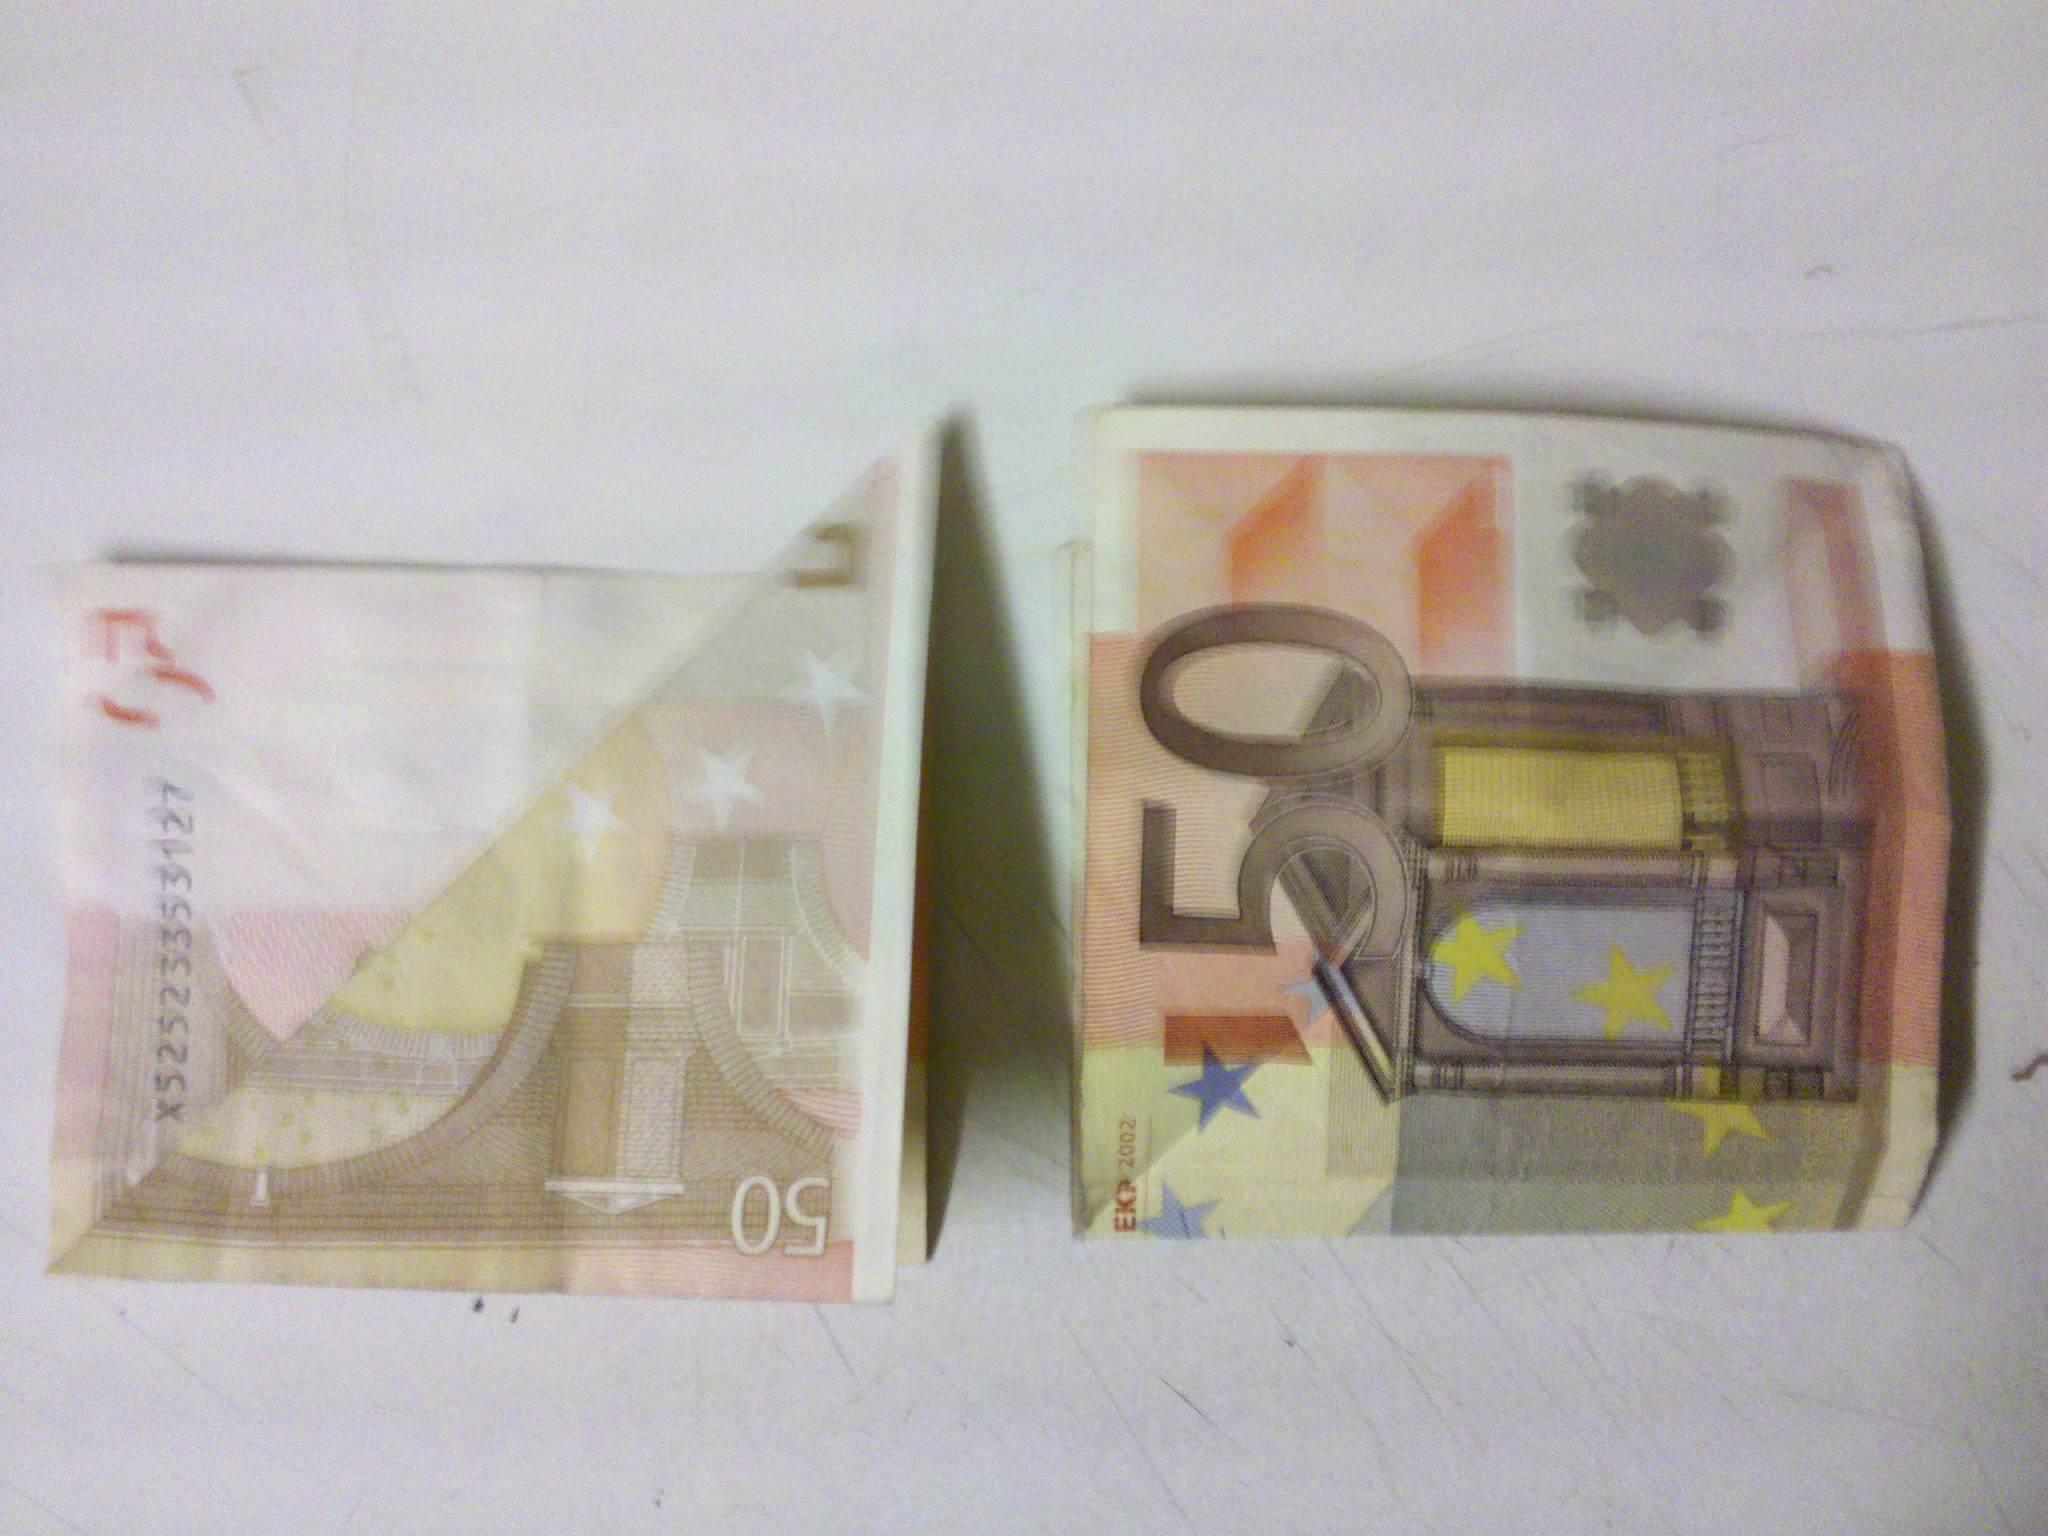 Schlagwort Taufe Origami Mit Geldscheinen